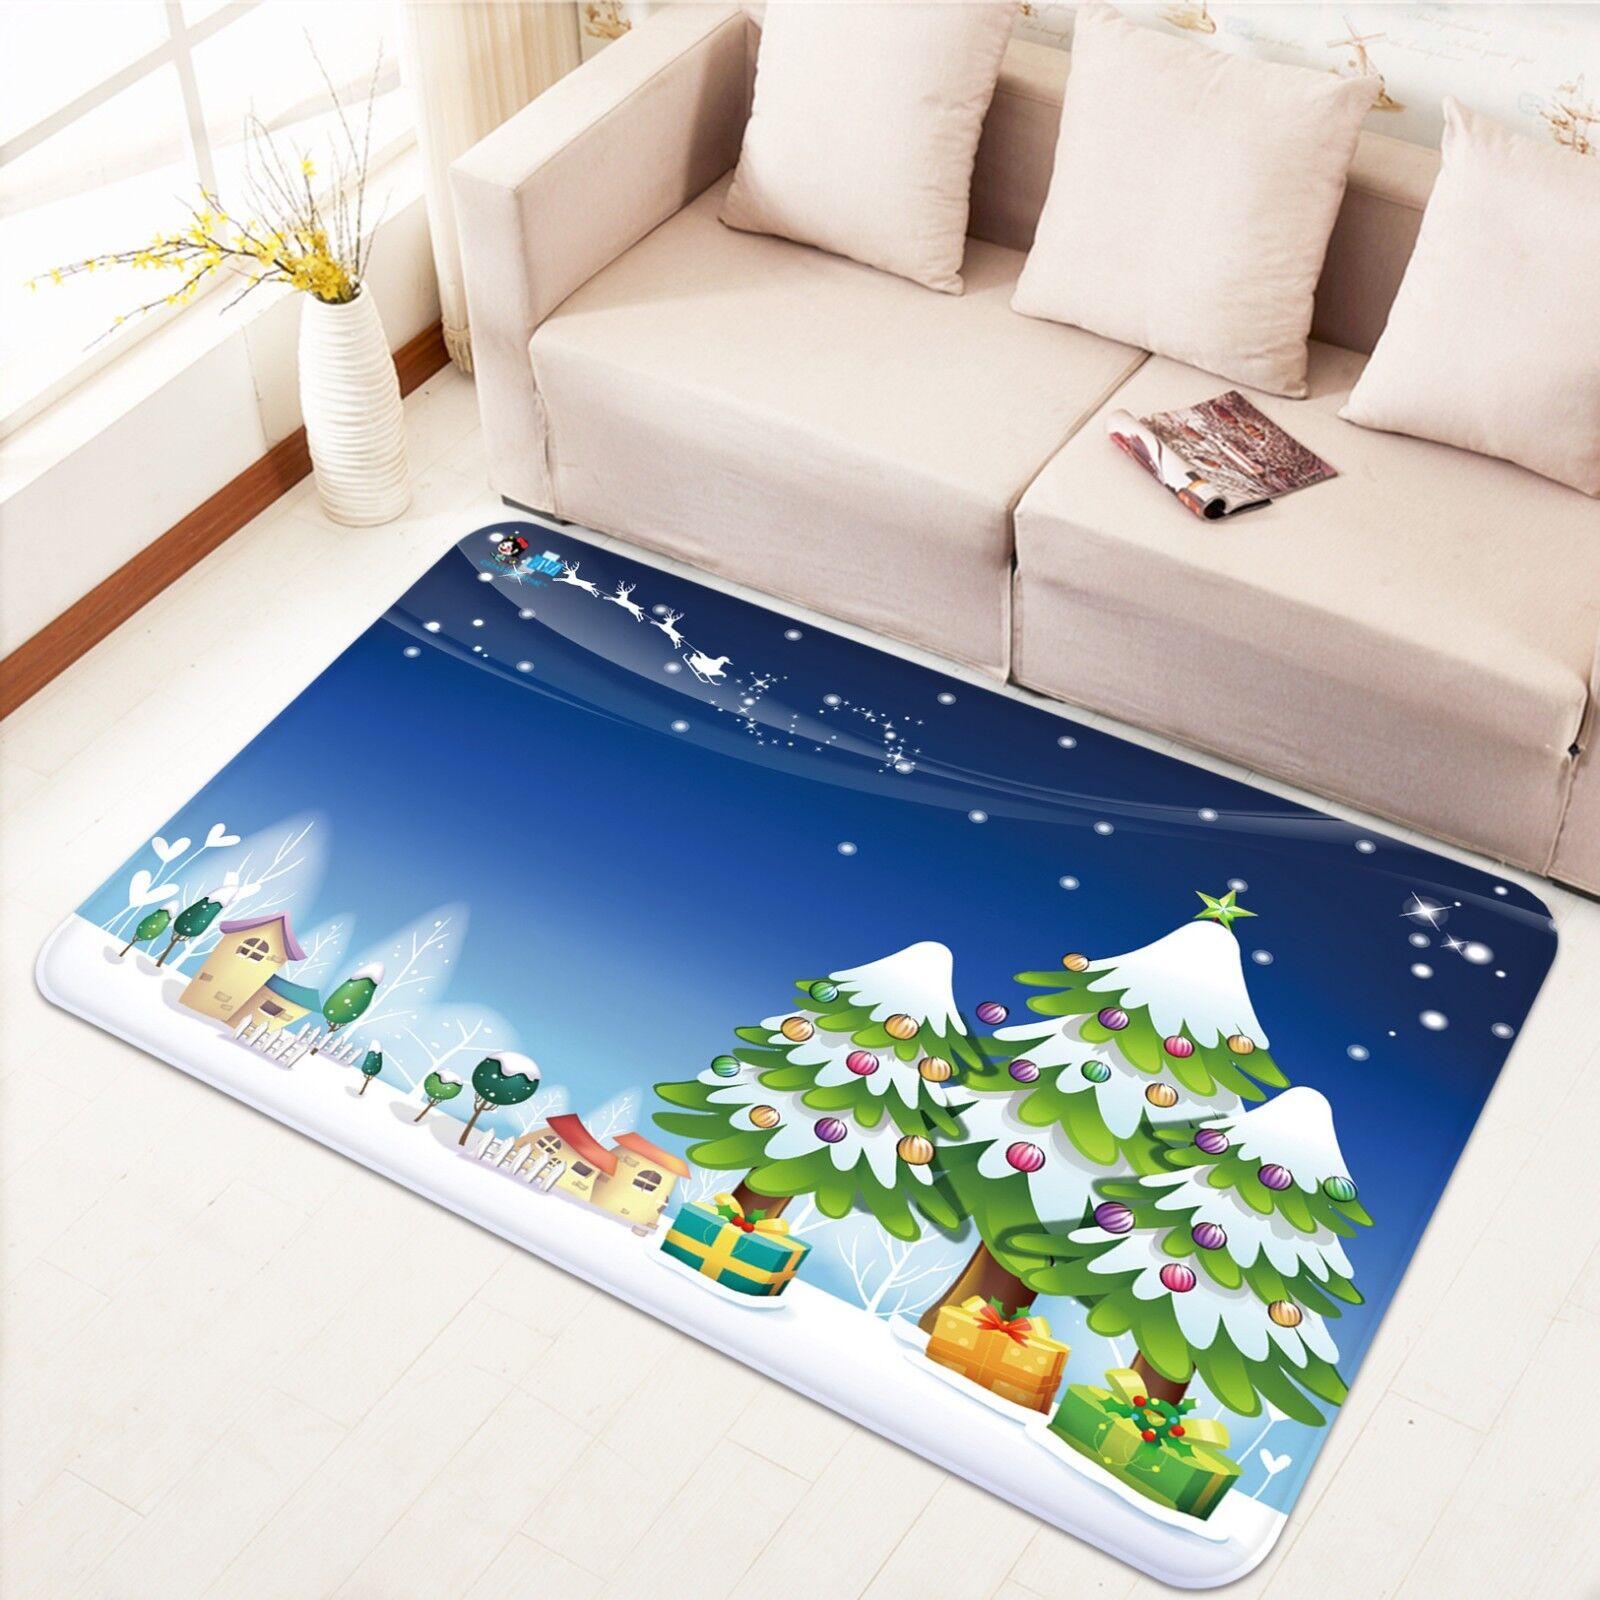 3d Natale Xmas 740 antiscivolo tappeto tappetino tappetino tappetino Borsaagliaio tappeto elegante de 68cd22